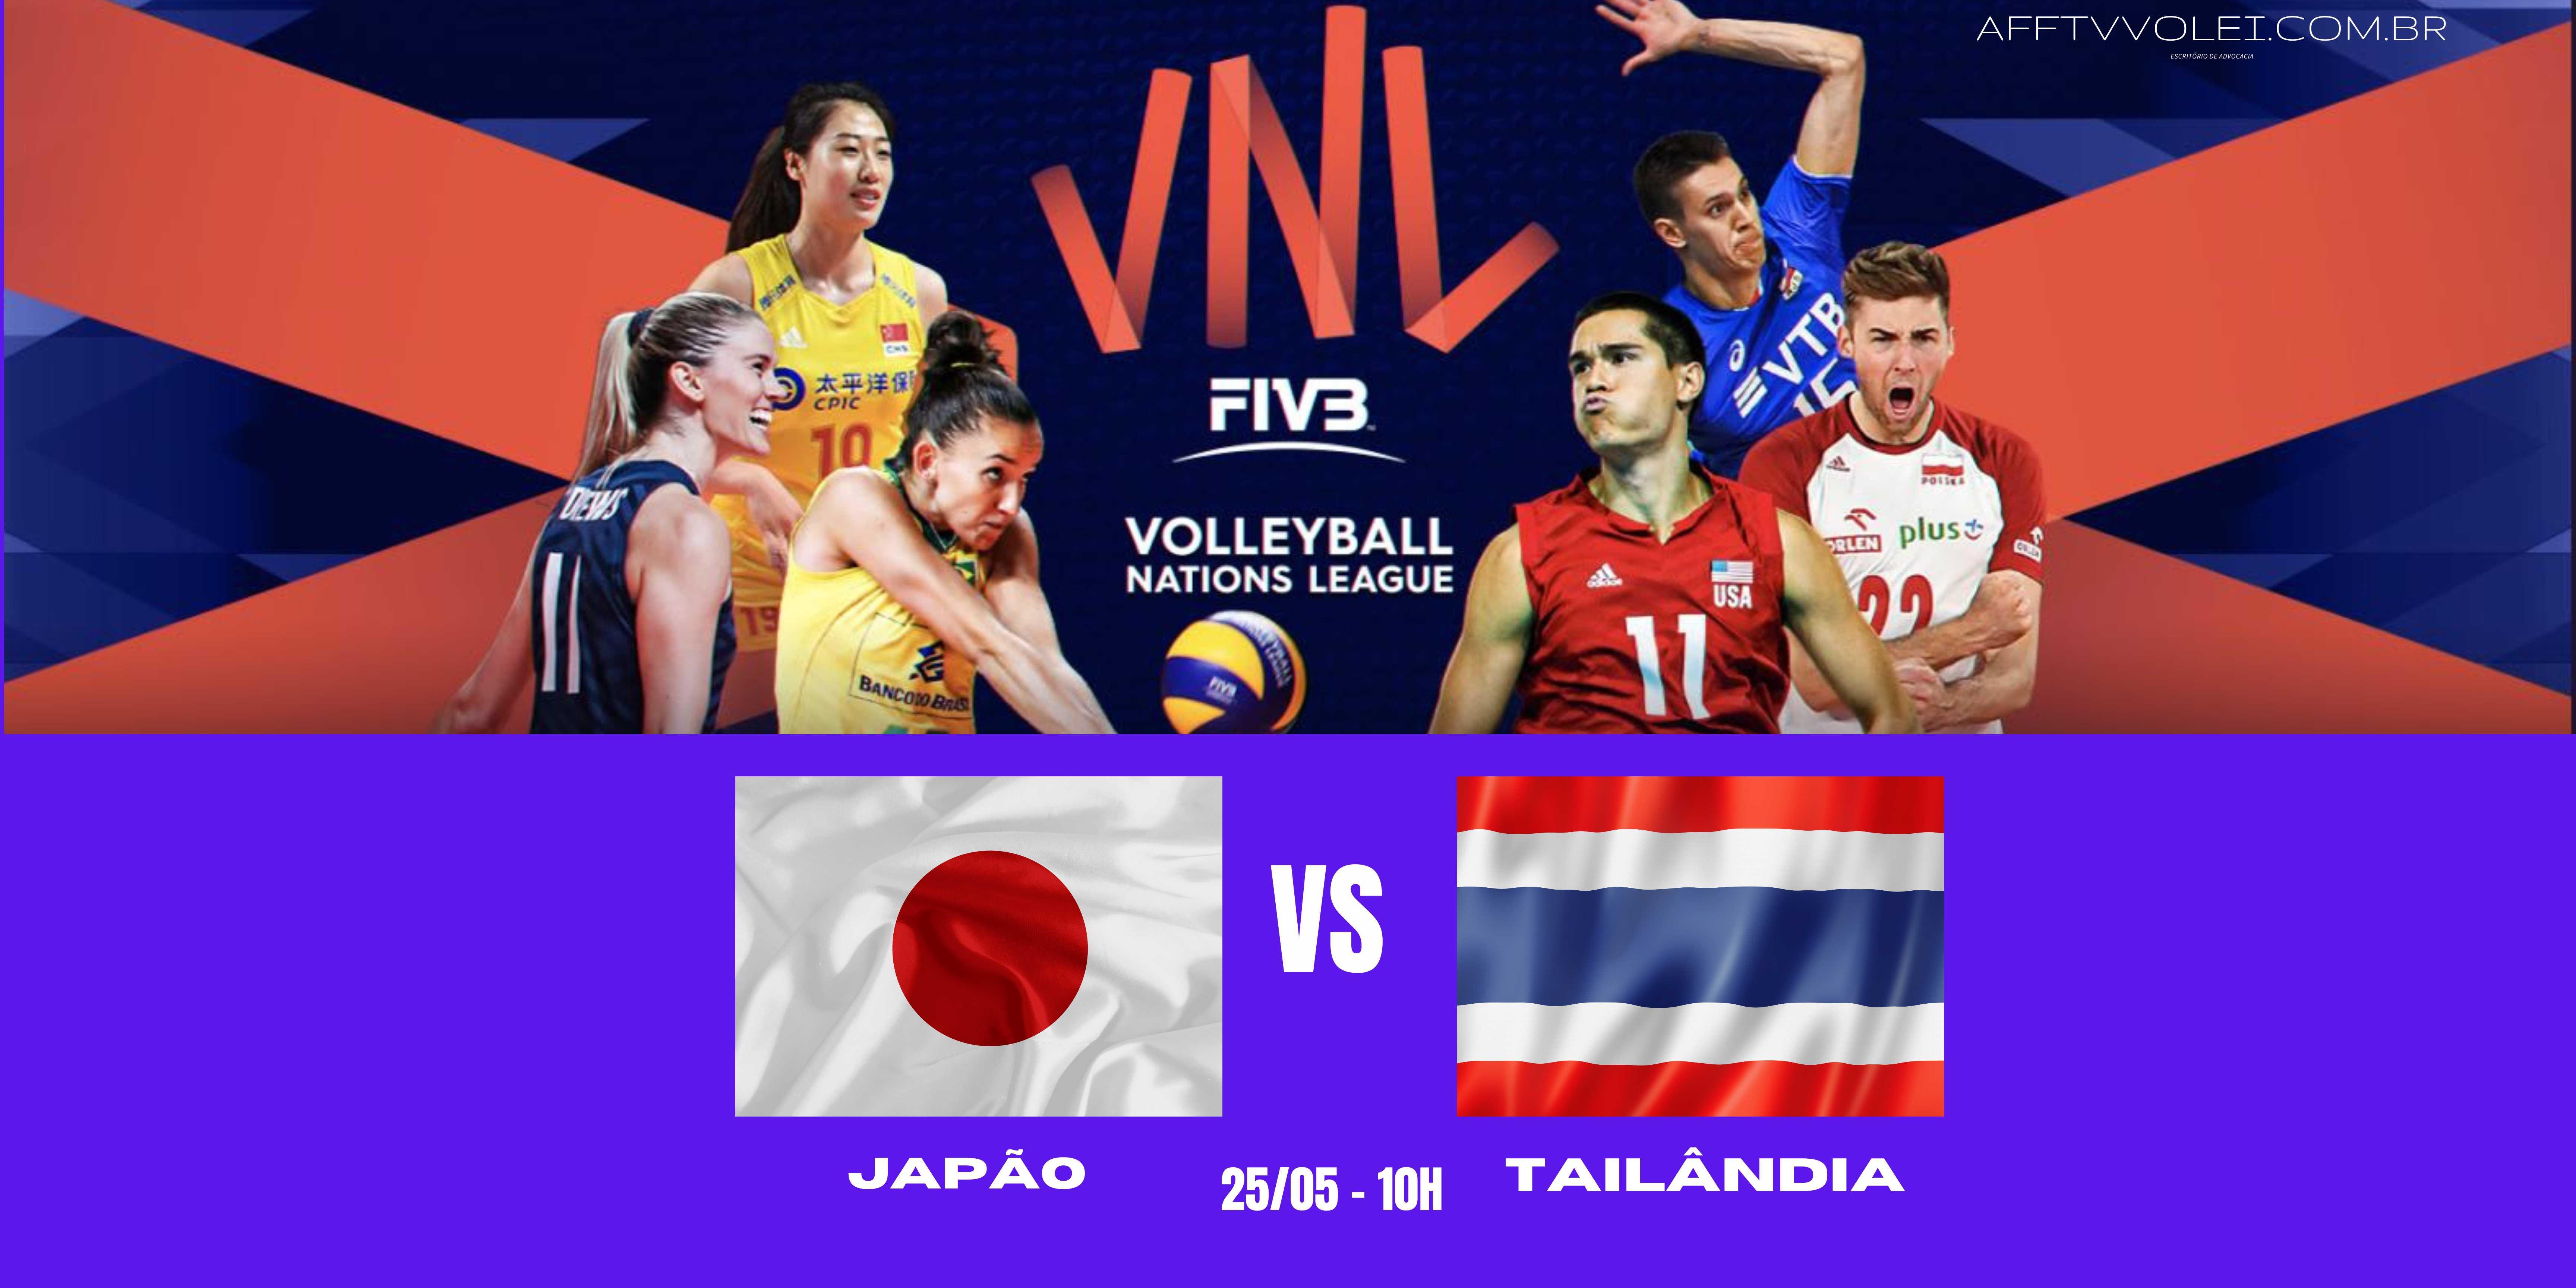 Japão vs Tailandia – Liga das Nações Vôlei Feminino – 25/05/2021